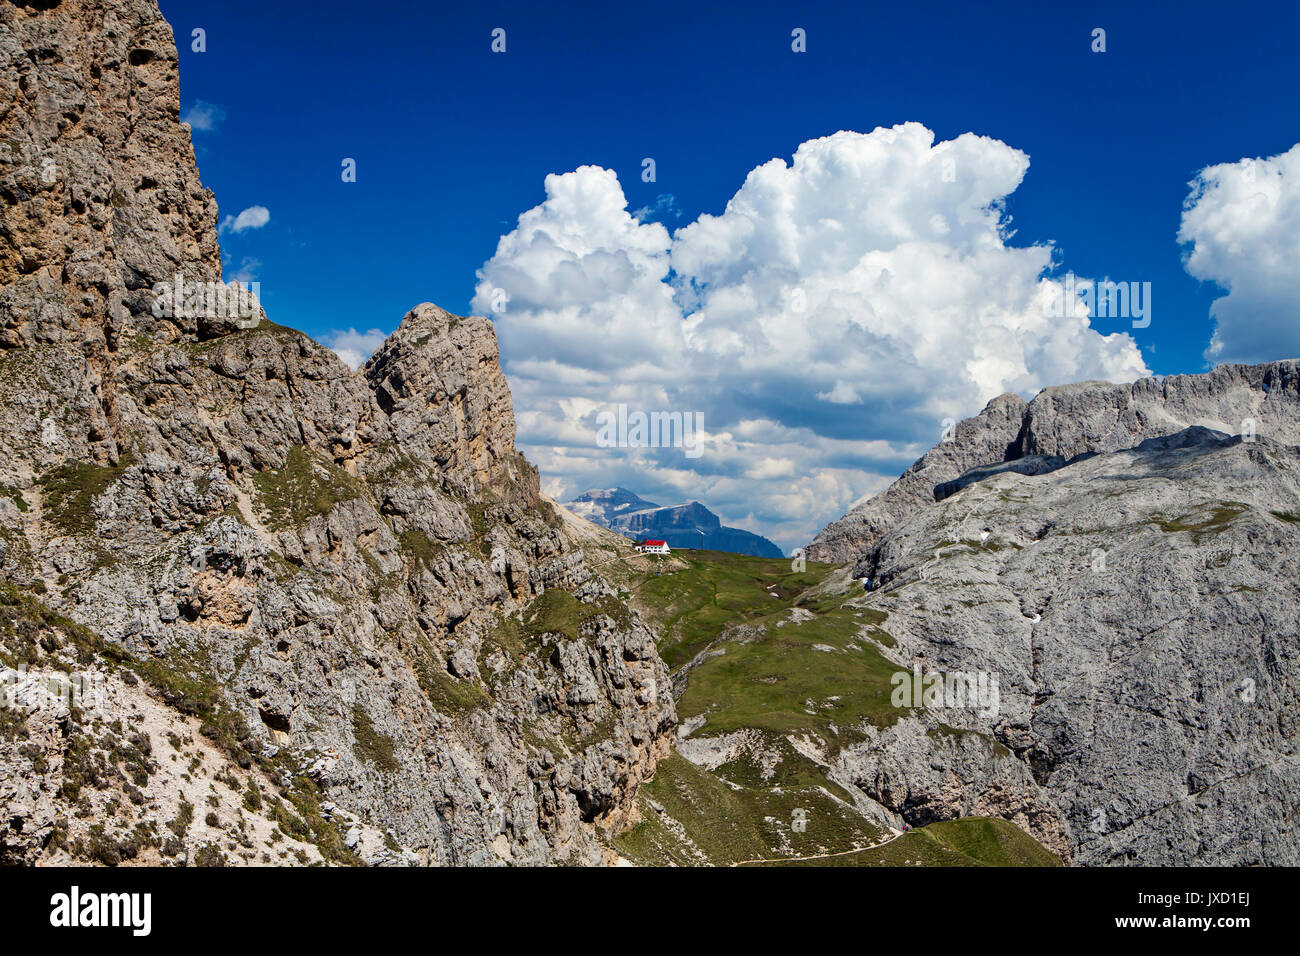 Alpe di siusi, Dolomites, Northern Italy, Refugio Alpe di Tires - Stock Image